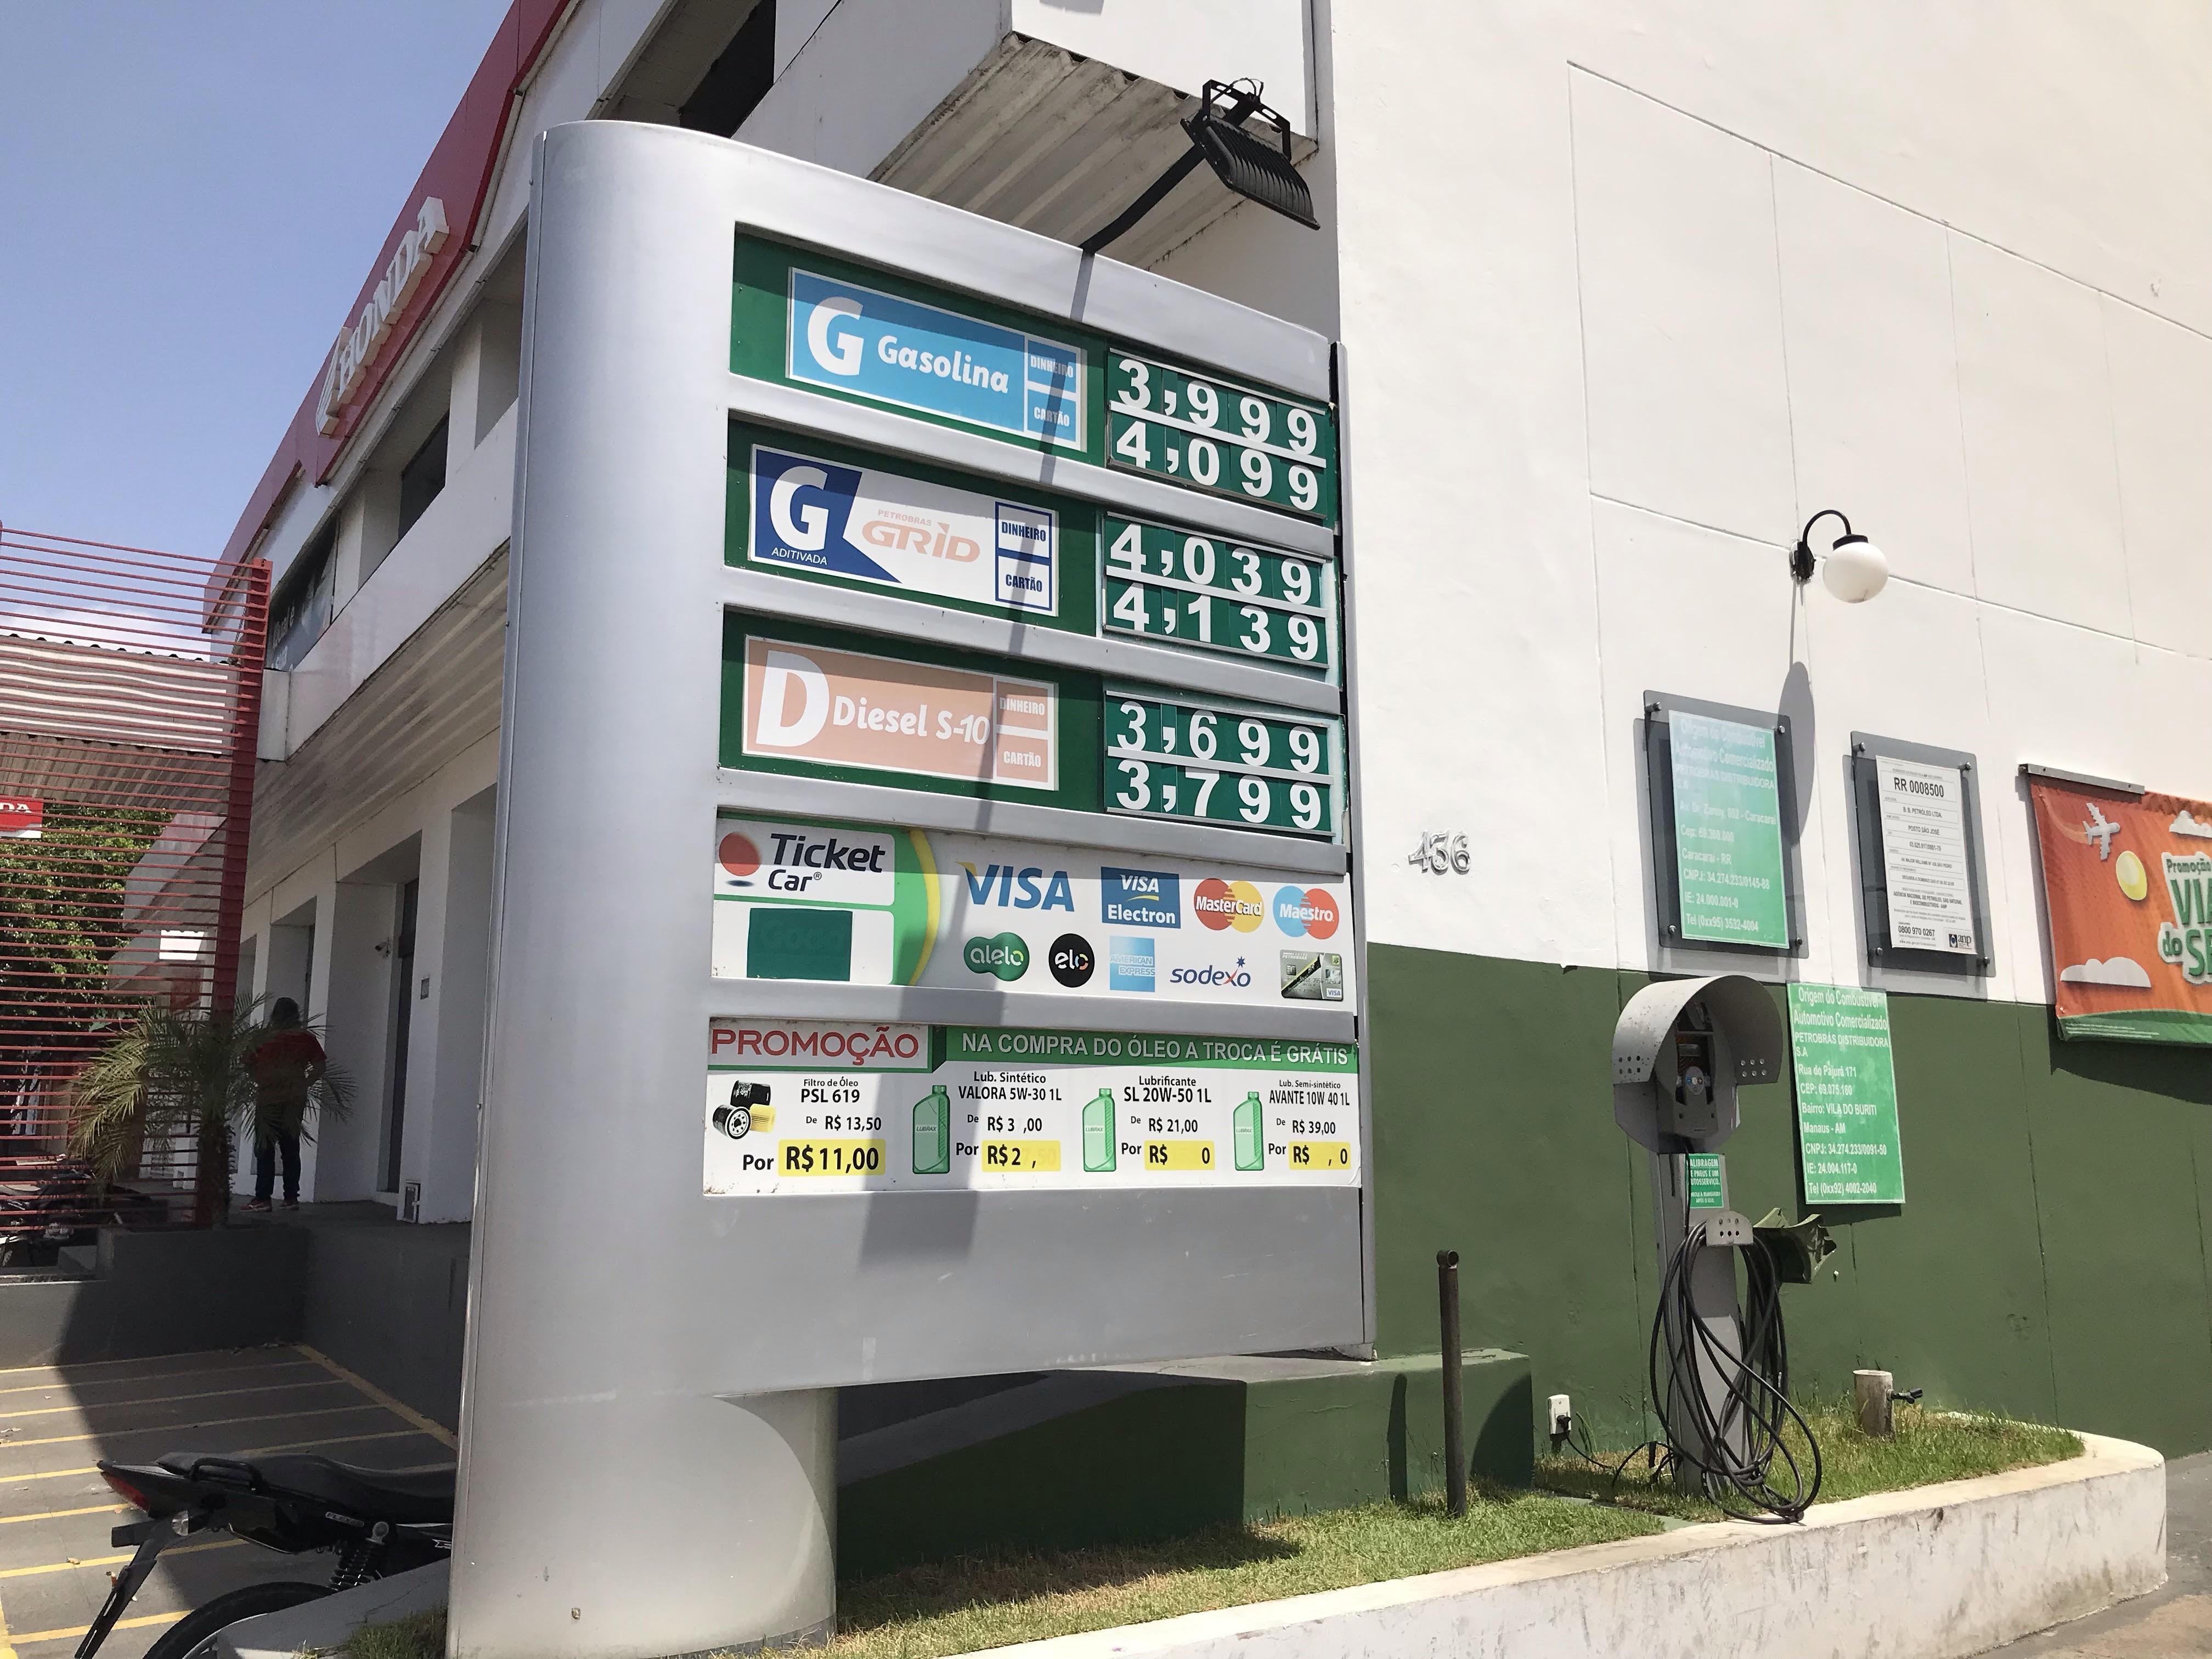 Gasolina chega a R$ 4,09 em Boa Vista após 7º reajuste seguido nas refinarias   - Noticias